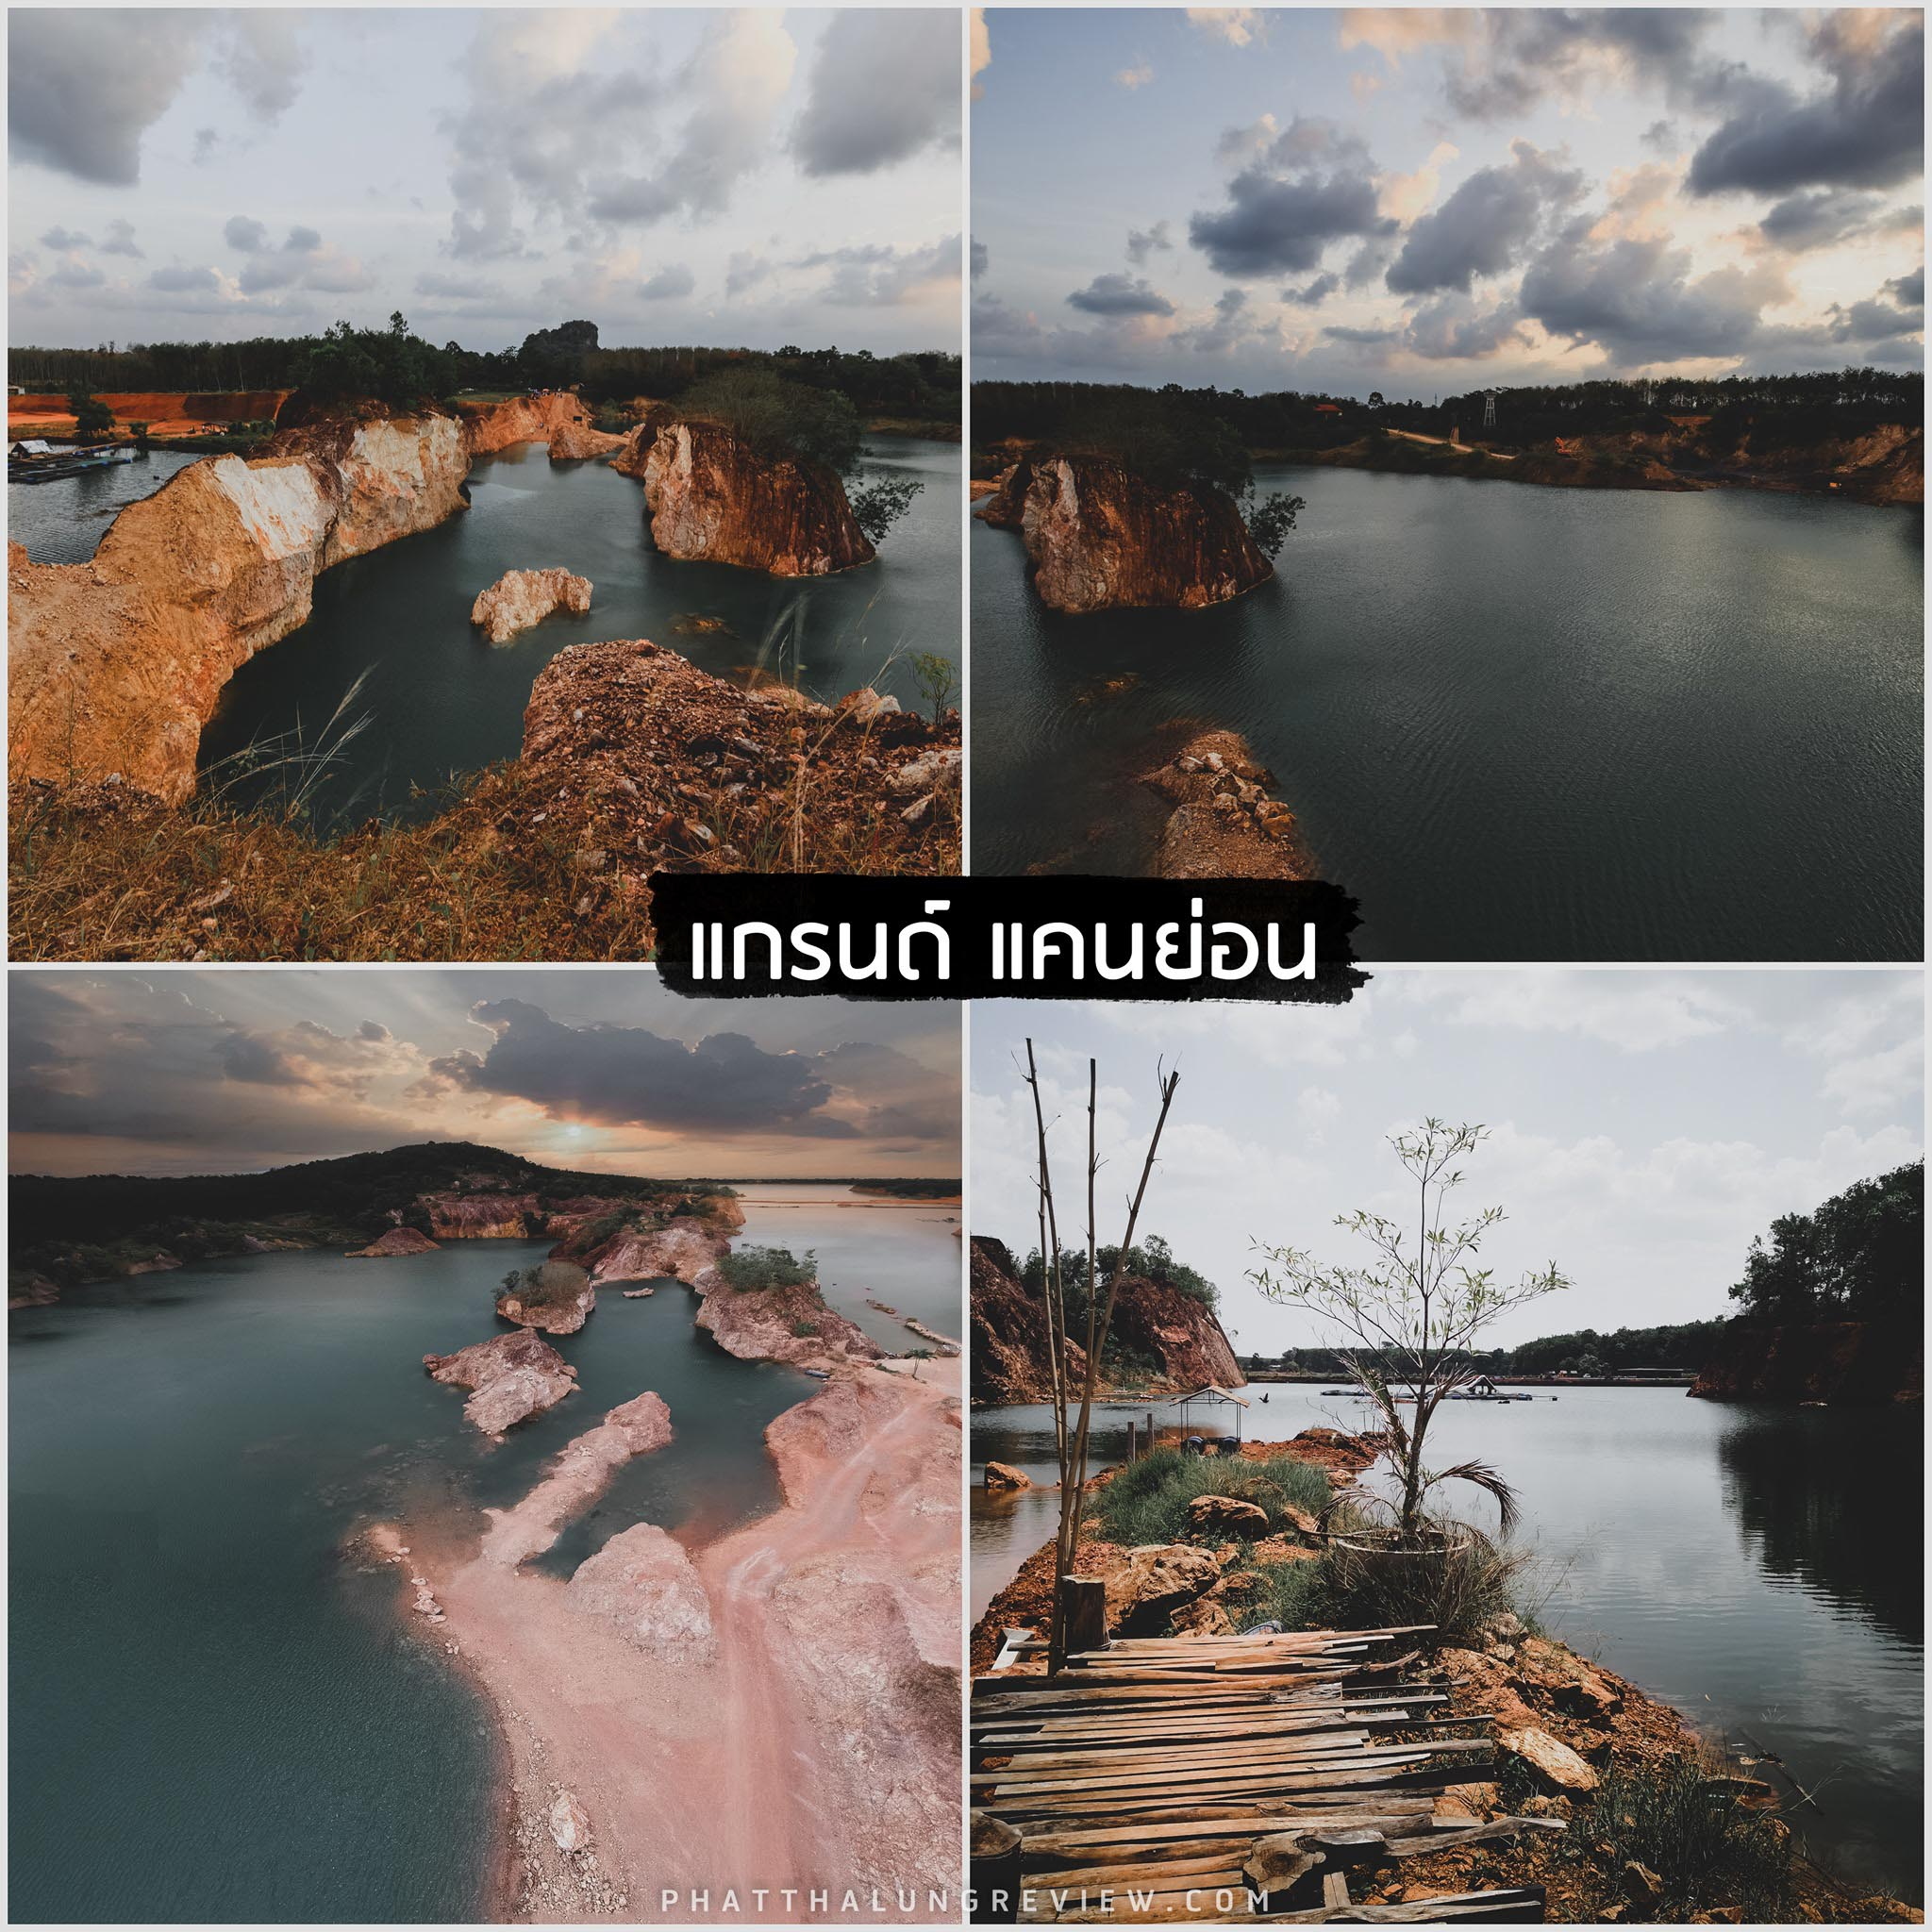 ควนน้อยแกรนด์แคนยอนพัทลุง ชมเกาะเล็กๆกลางแหล่งน้ำธรรมชาติที่แปลกตาพลาดไม่ได้แล้วว ที่นี่เดิมเป็นเนินดิน ชาวบ้านขุดหน้าดินขาย เป็นที่ส่วนบุคคล คนละสองไร่สามไร่ห้าไร่ แล้วแต่เจ้าขุดไปๆ บางจุดดินแข็ง ขุดไม่ออก ปล่อยไว้ กลายเป็นเกาะเล็กๆ พอฝนตกมาก็จึงเกิดเป็นแหล่งน้ำให้ได้ชมกัน คลิกที่นี่พัทลุง,ที่เที่ยว,จุดเช็คอิน,คาเฟ่,ของกิน,ที่พัก,รีสอร์ท